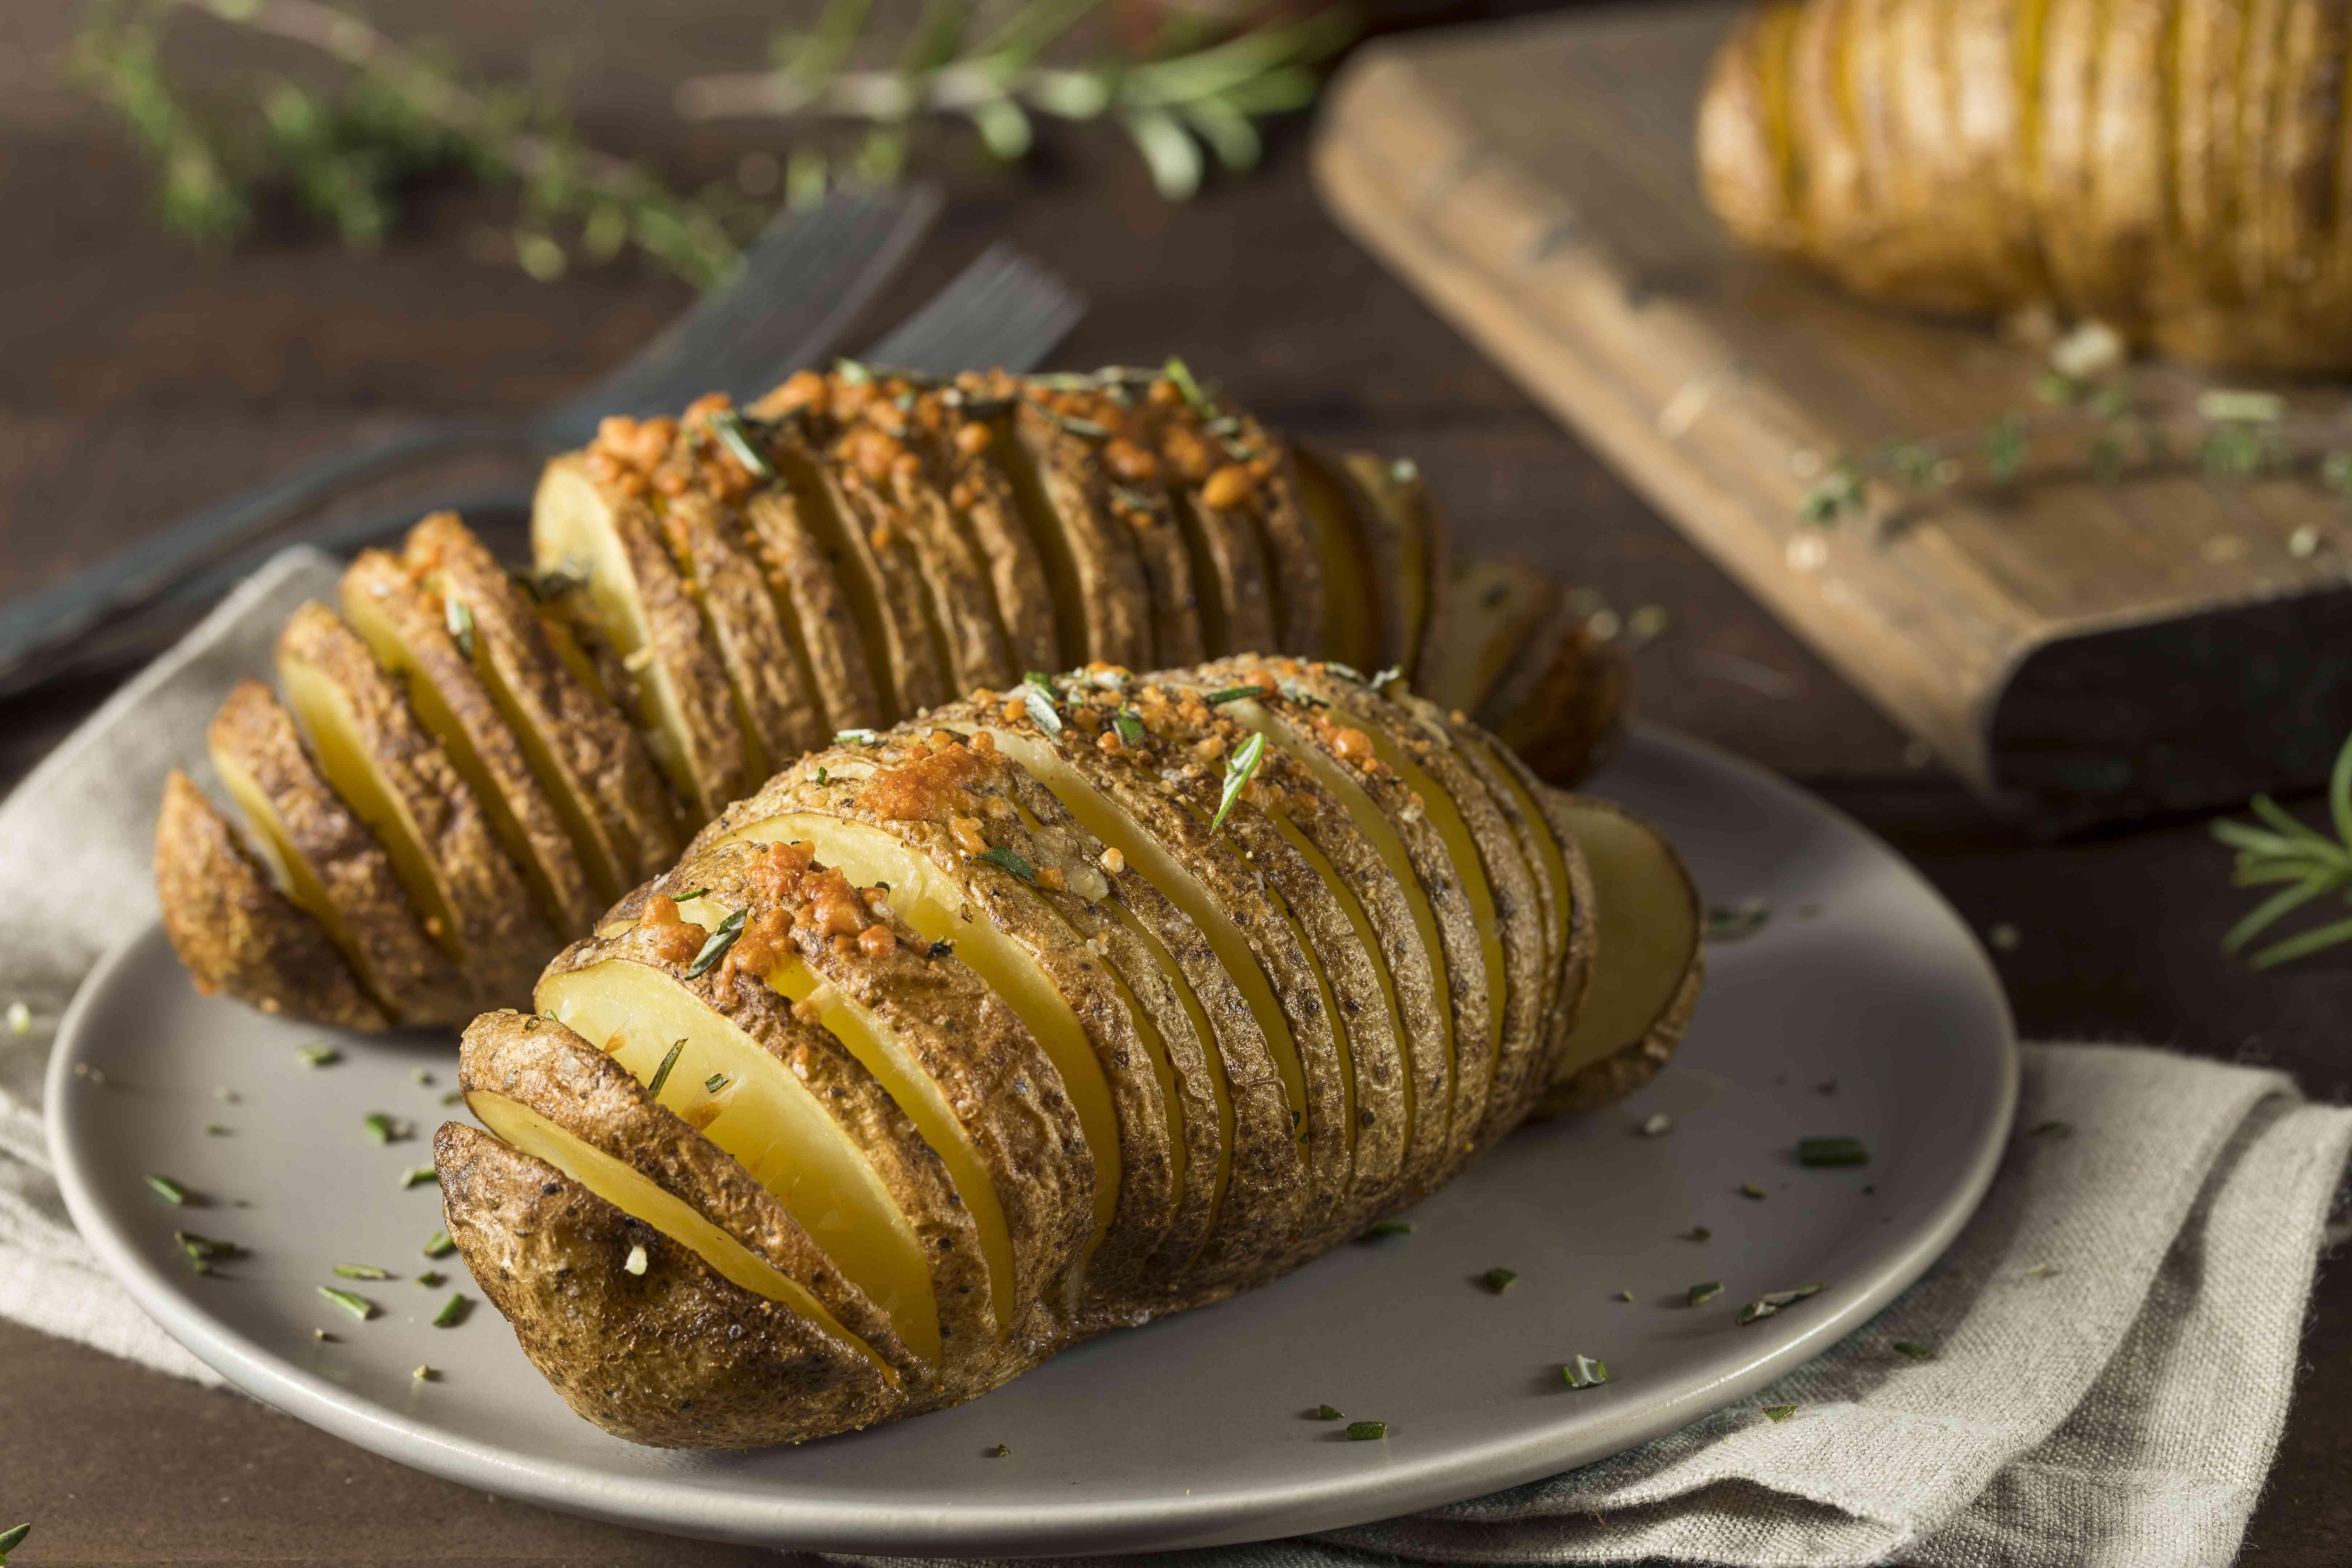 Homemade Cheesy Hasselback Potato